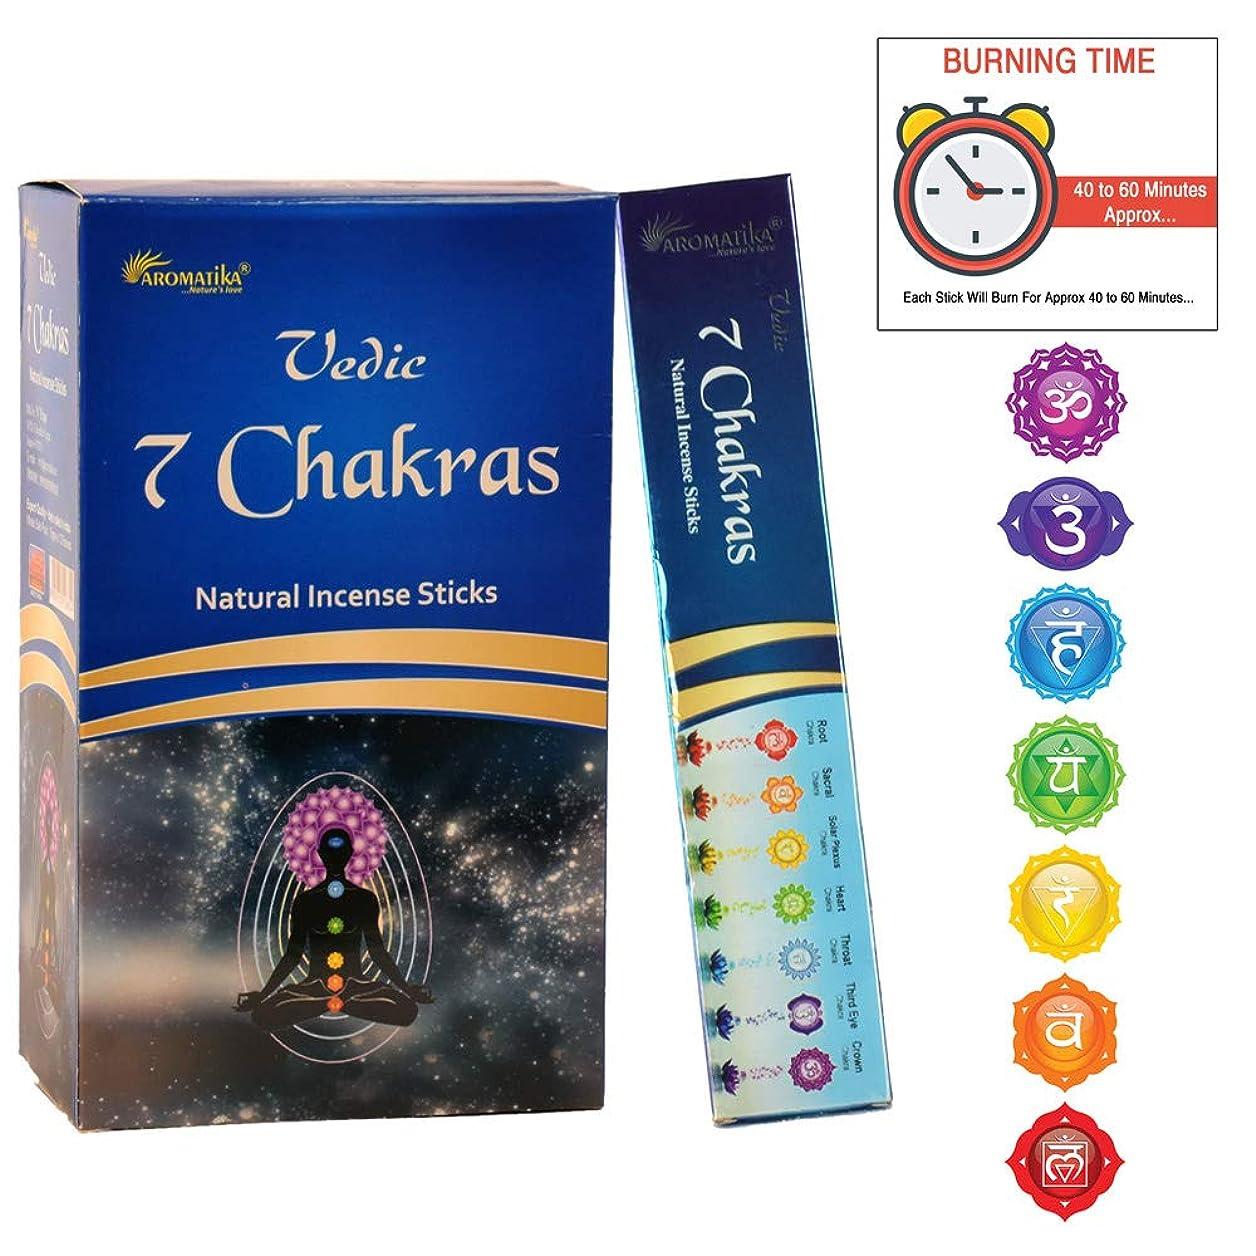 奇跡的なストロー因子aromatika 7チャクラ15?gms Masala Incense Sticks Pack of 12